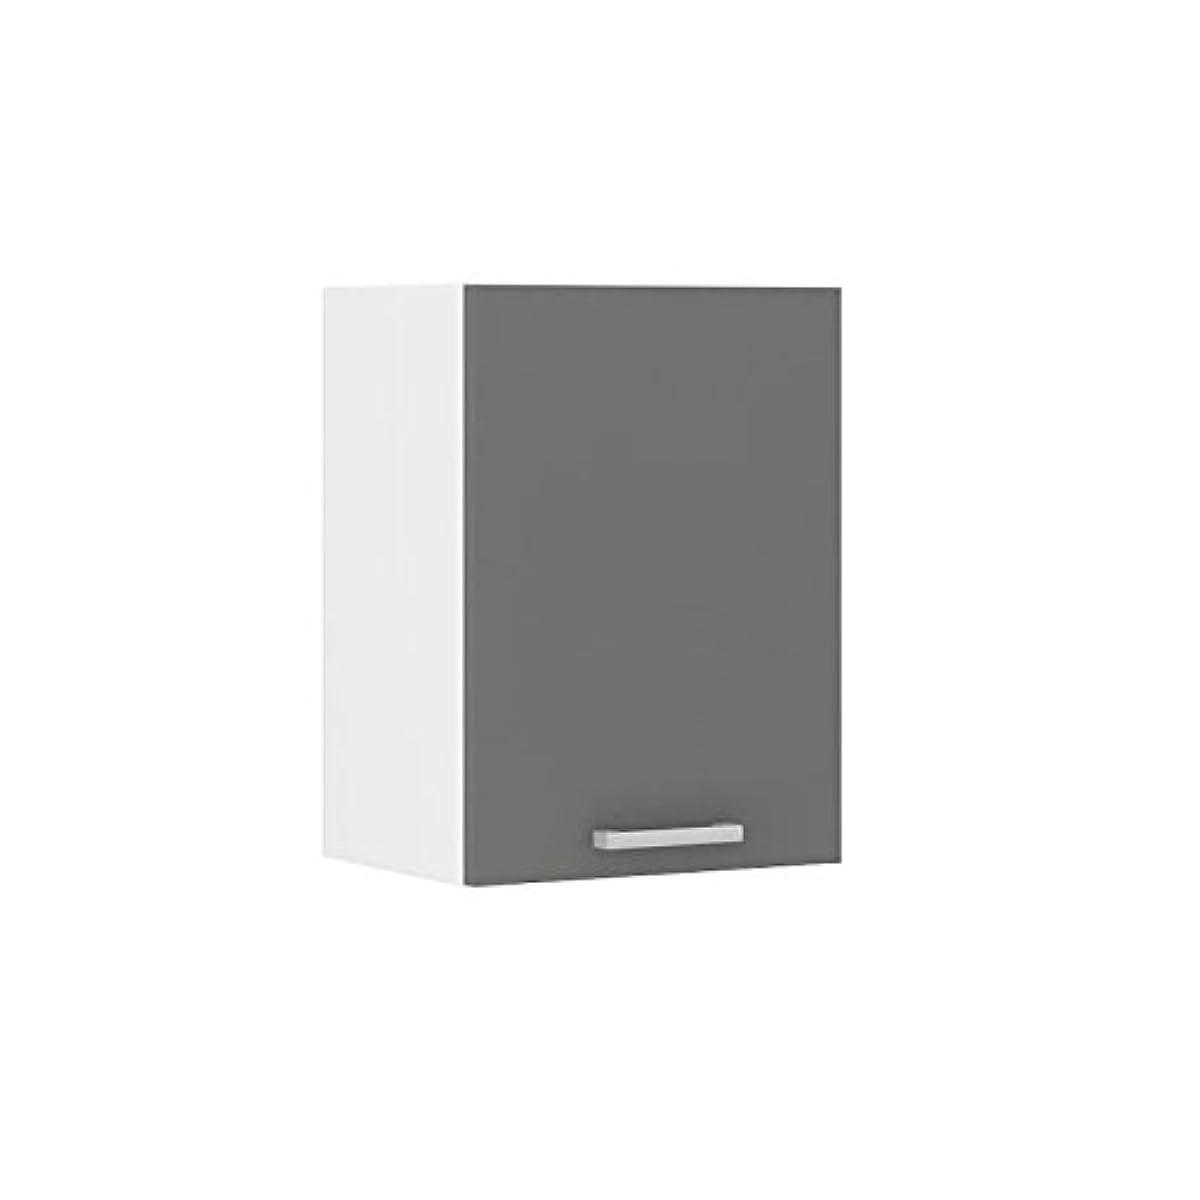 ULTRA Meuble haut de cuisine L 40 cm - Gris foncé | eBay